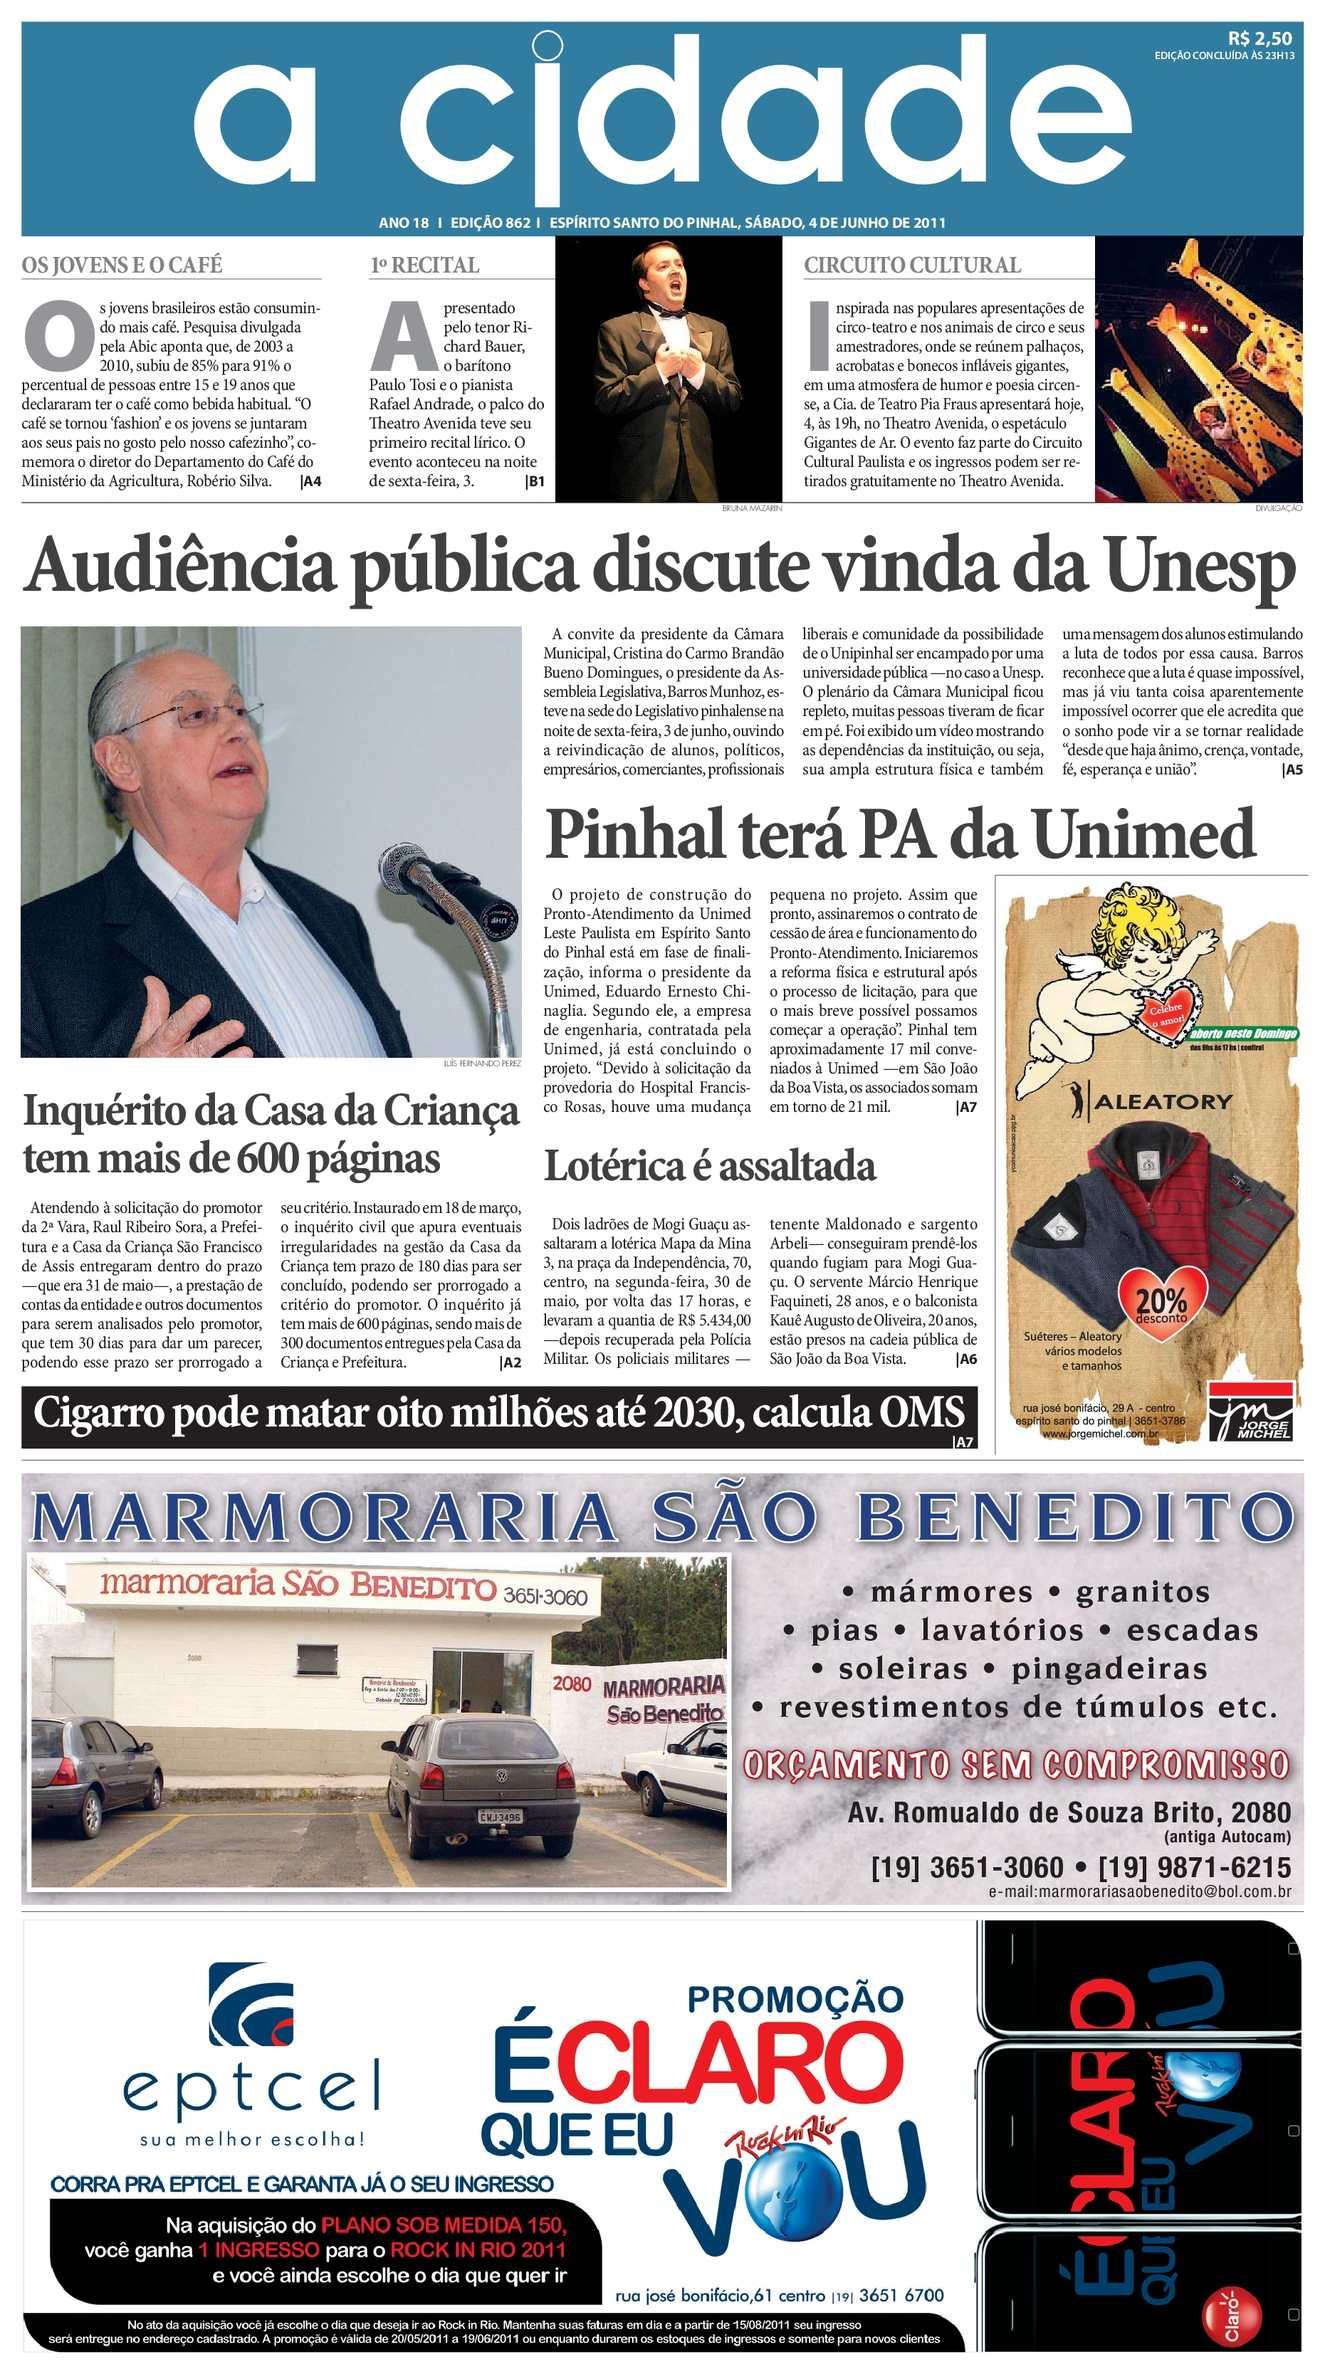 Calaméo - Jornal A Cidade - Edição 862 de 4 6 2011 8d5b53c22e